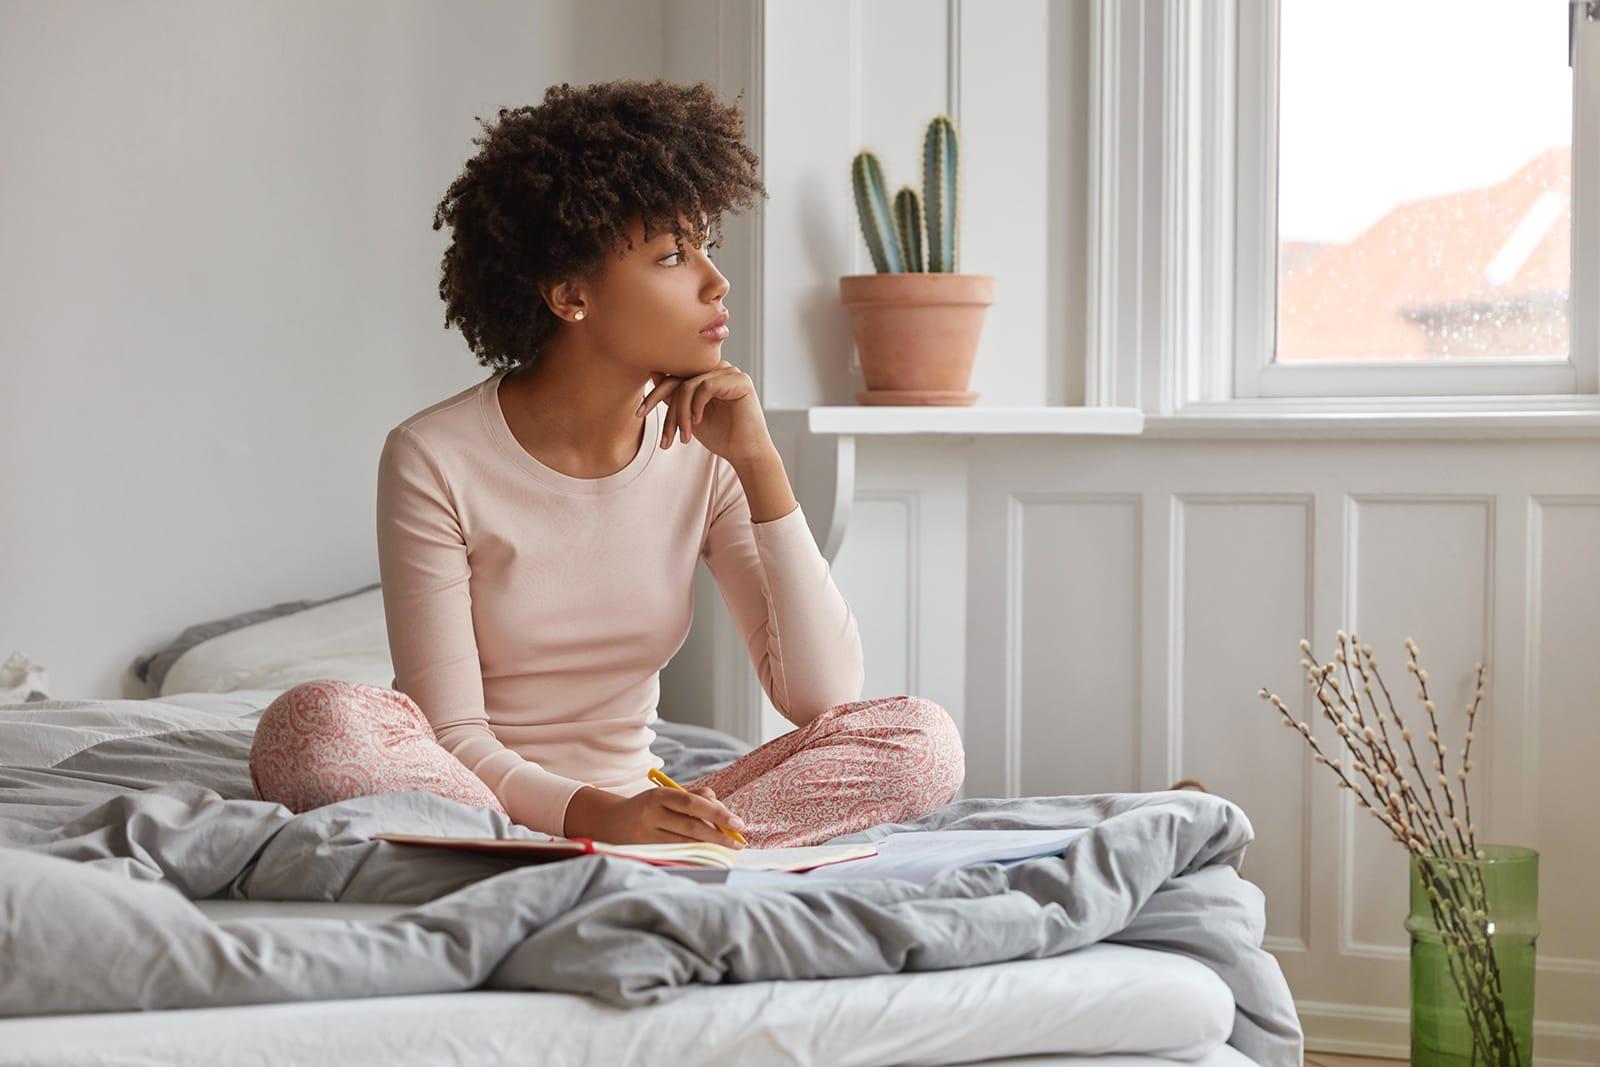 10 طرق للتغلب على الكوابيس والحصول على نوم أفضل